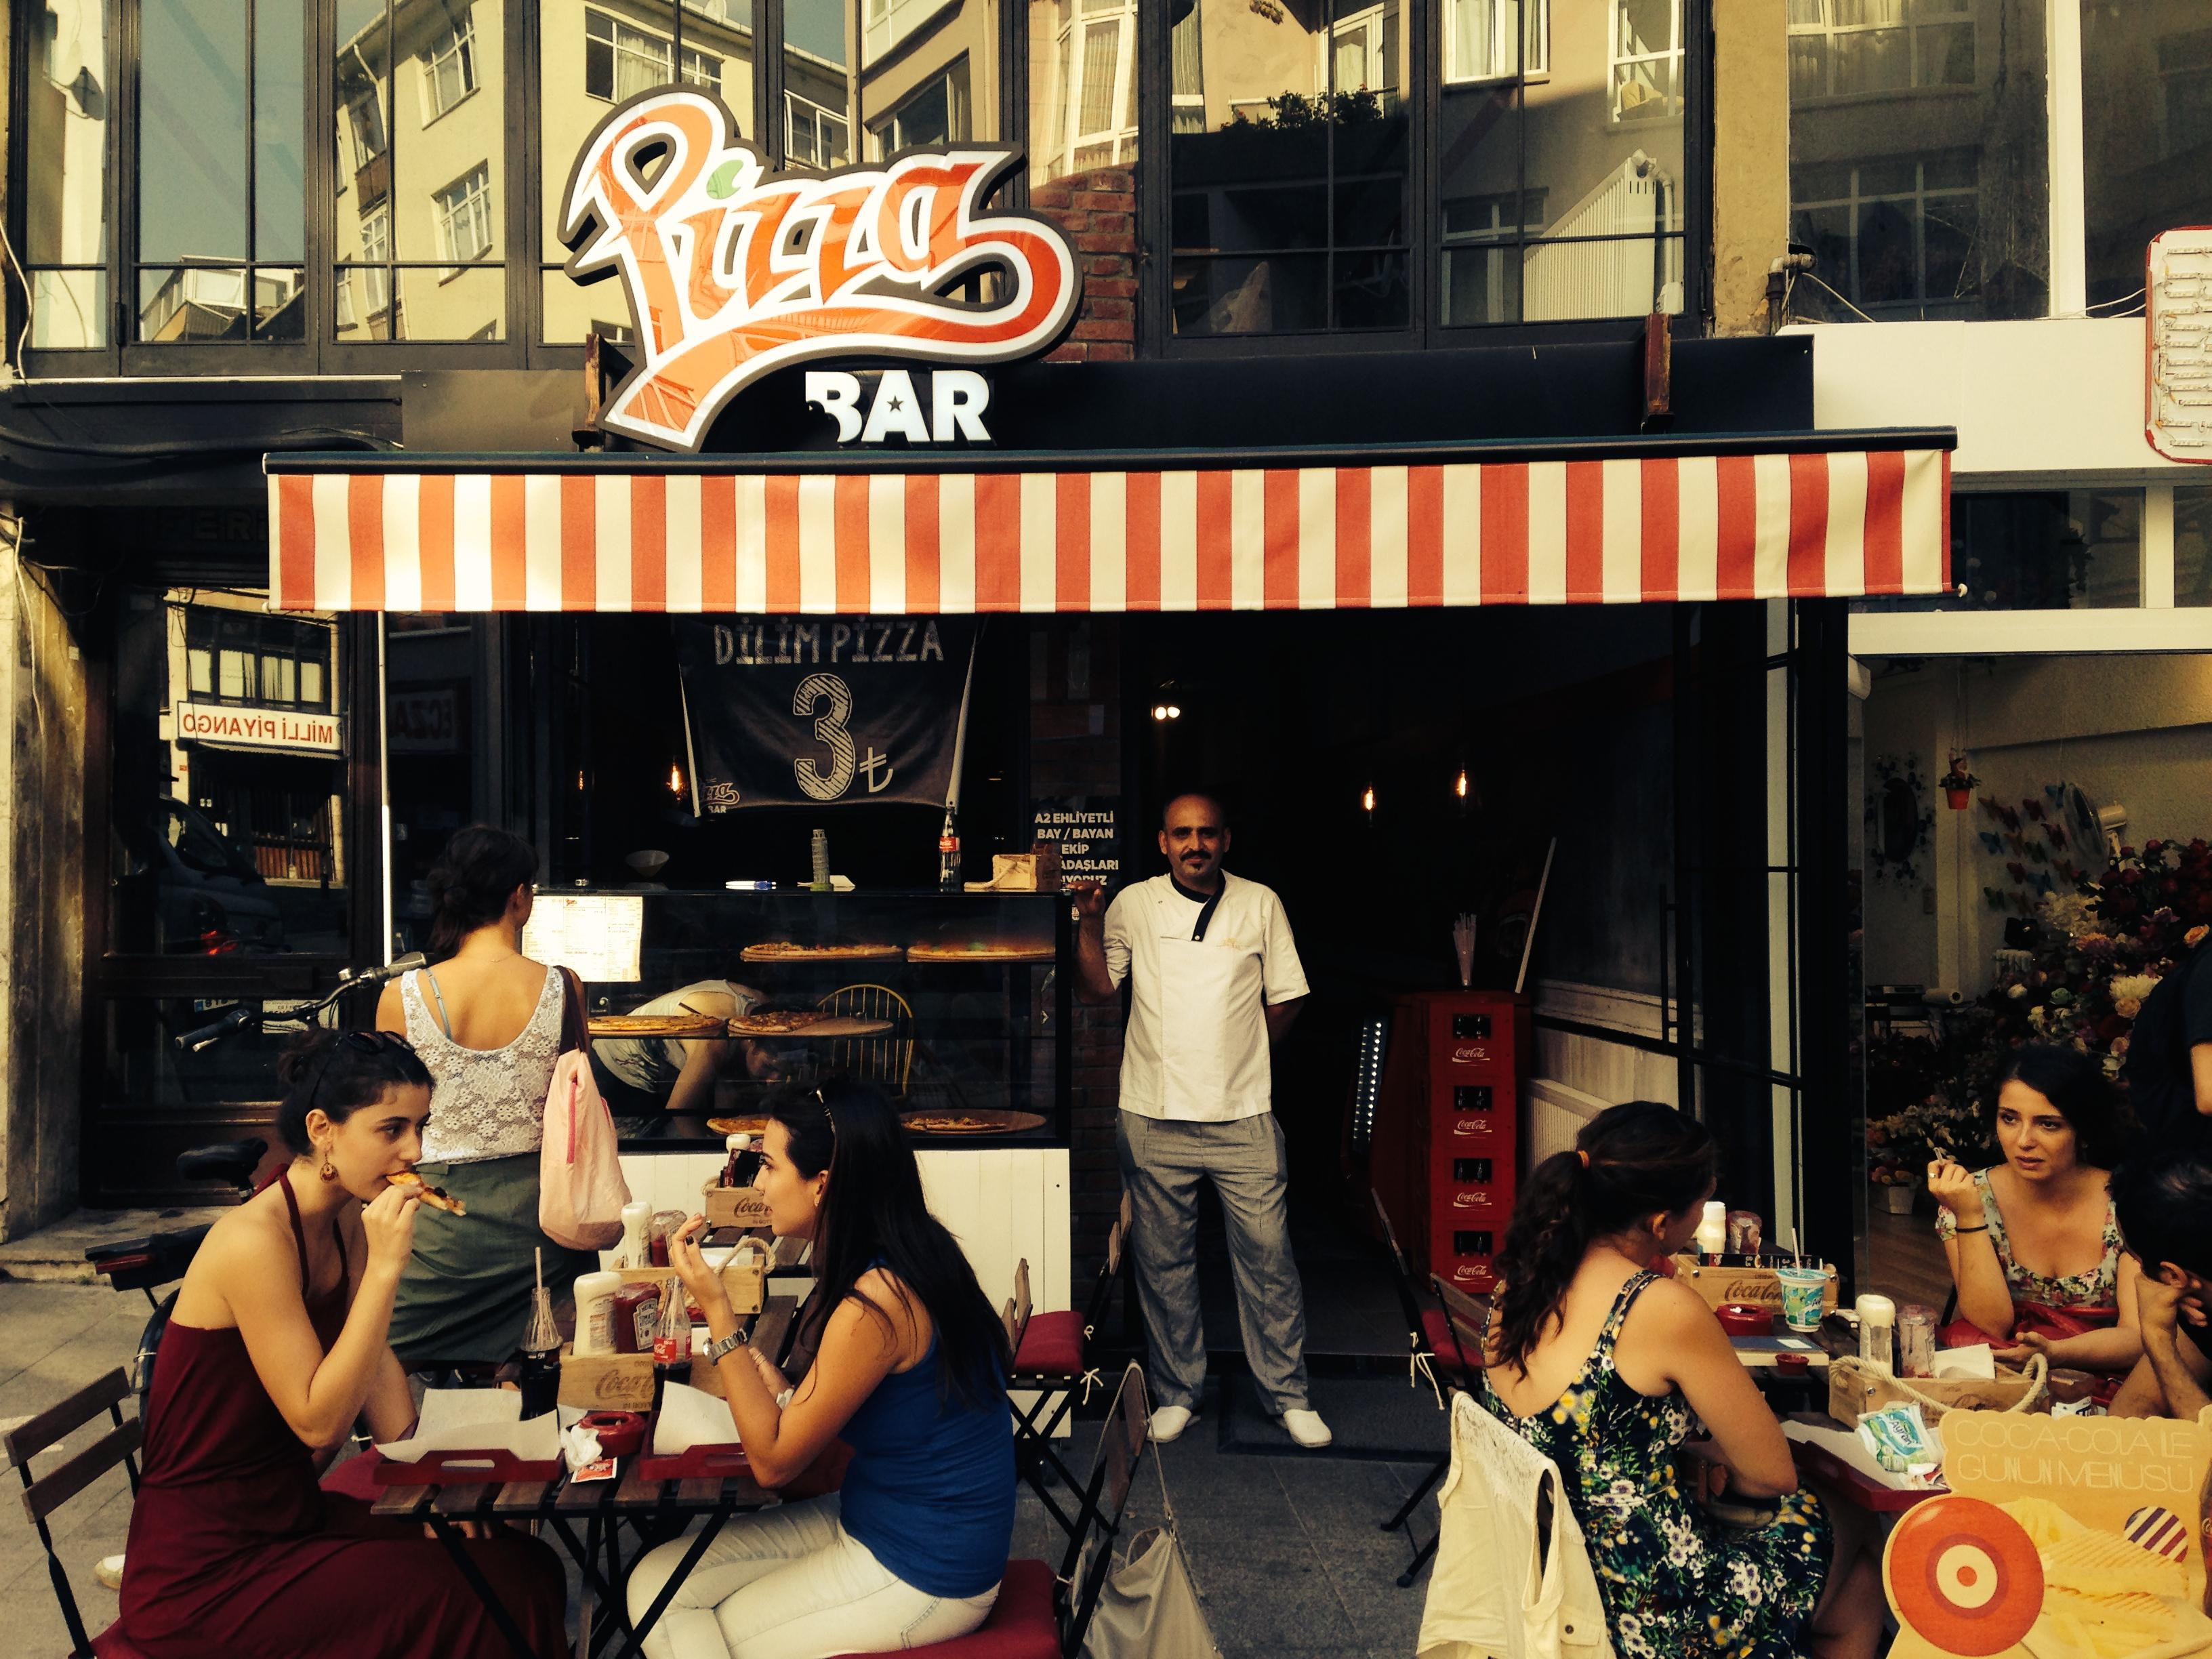 aujourdhuilaturquie - pizza bar kadıköy